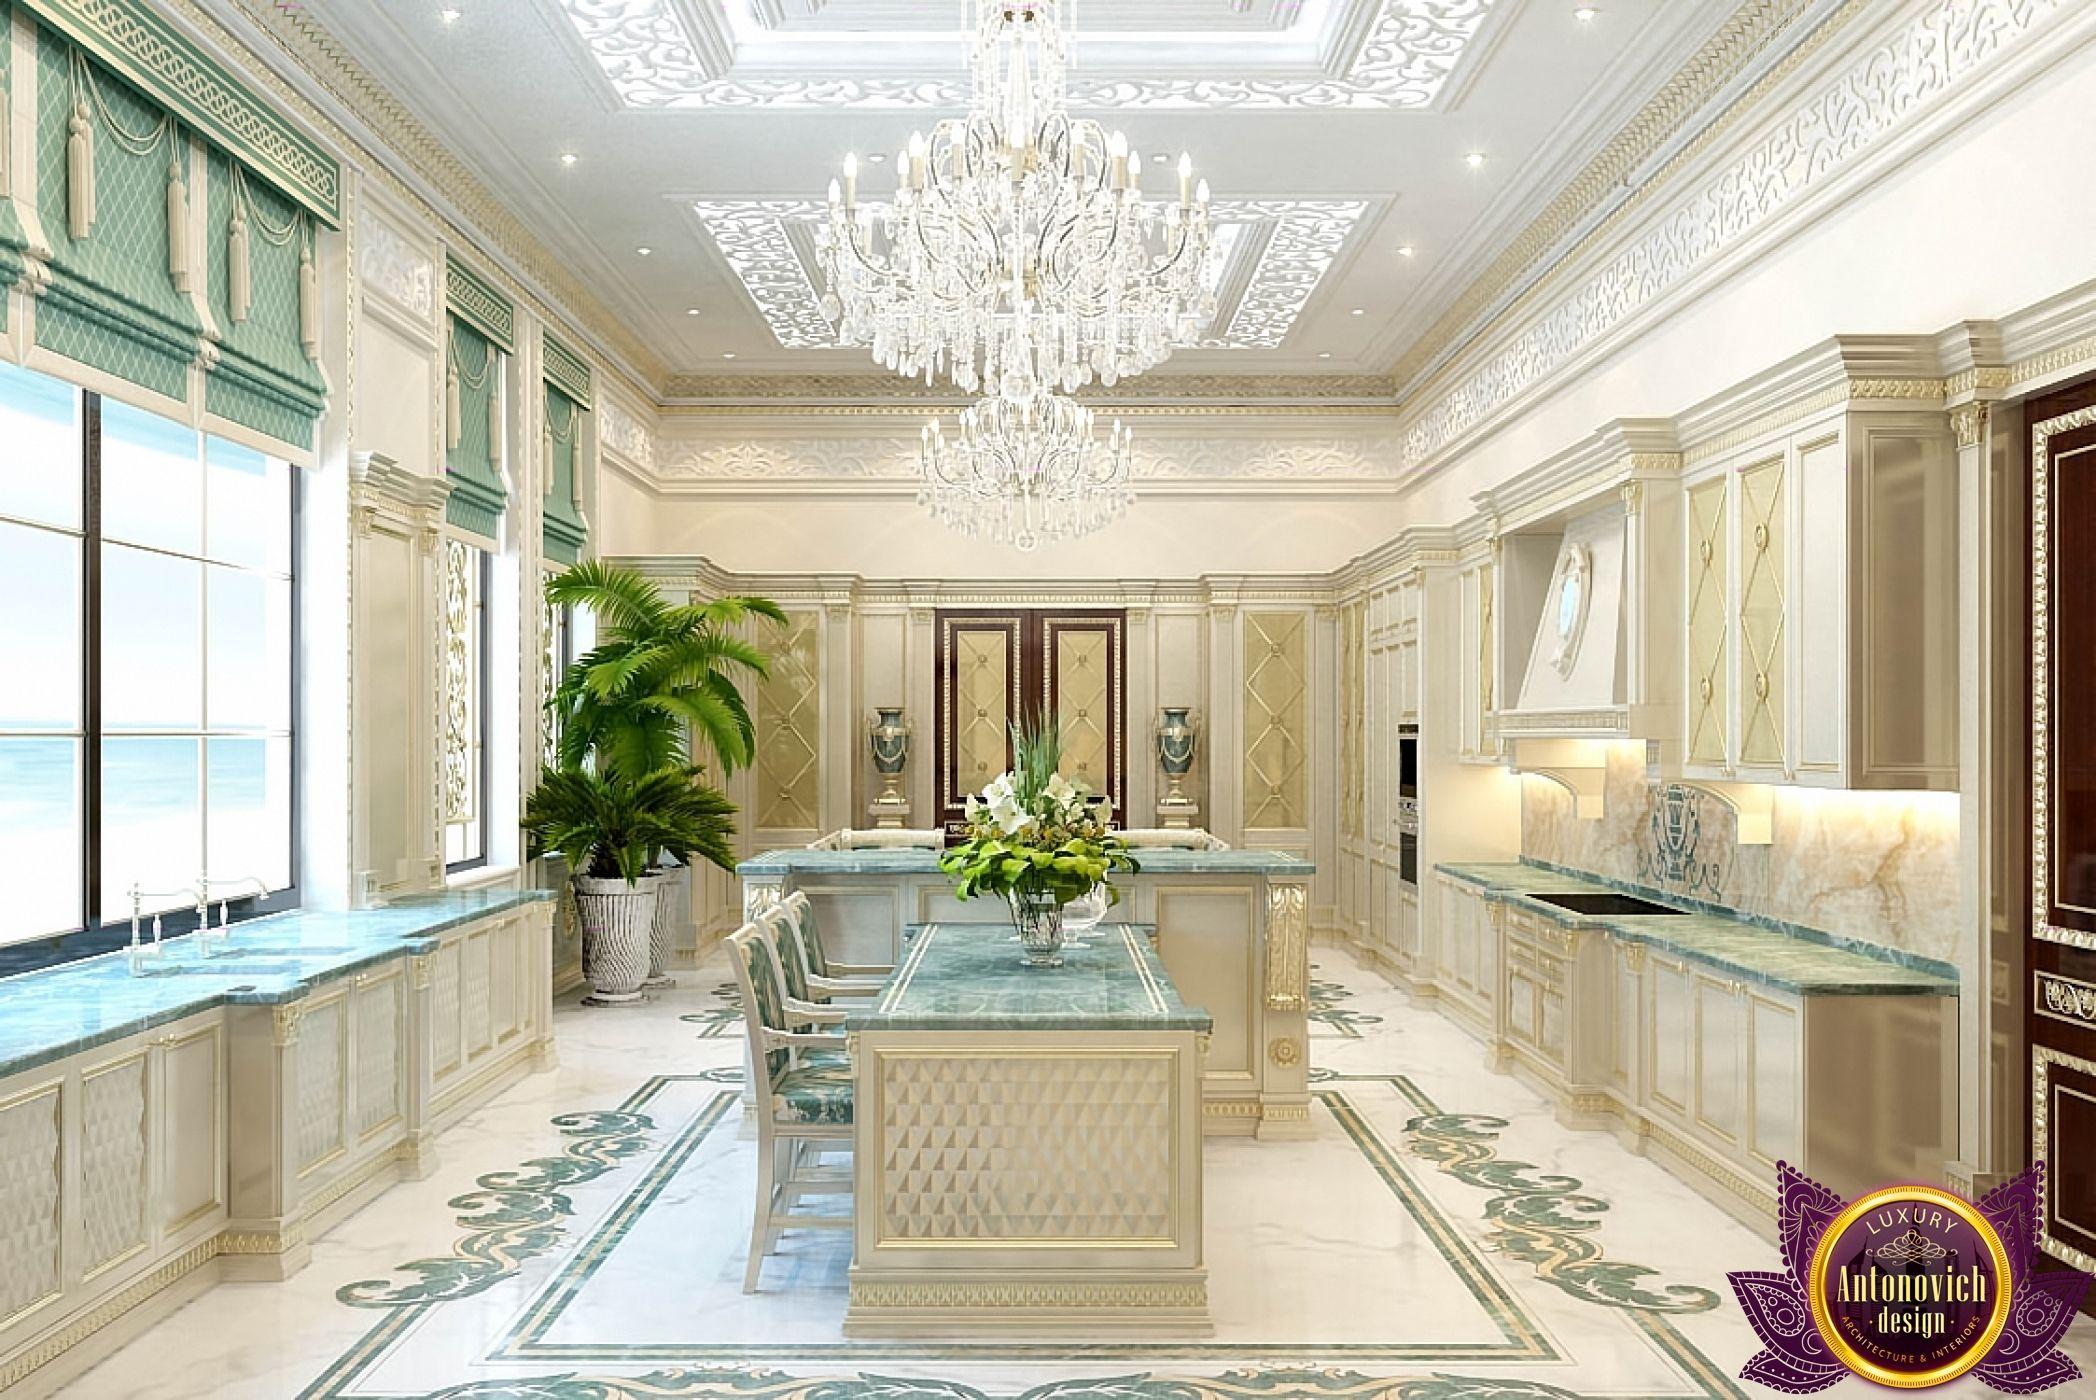 Best Kitchen Design In Dubai Luxury Kitchen Design Photo 1 400 x 300